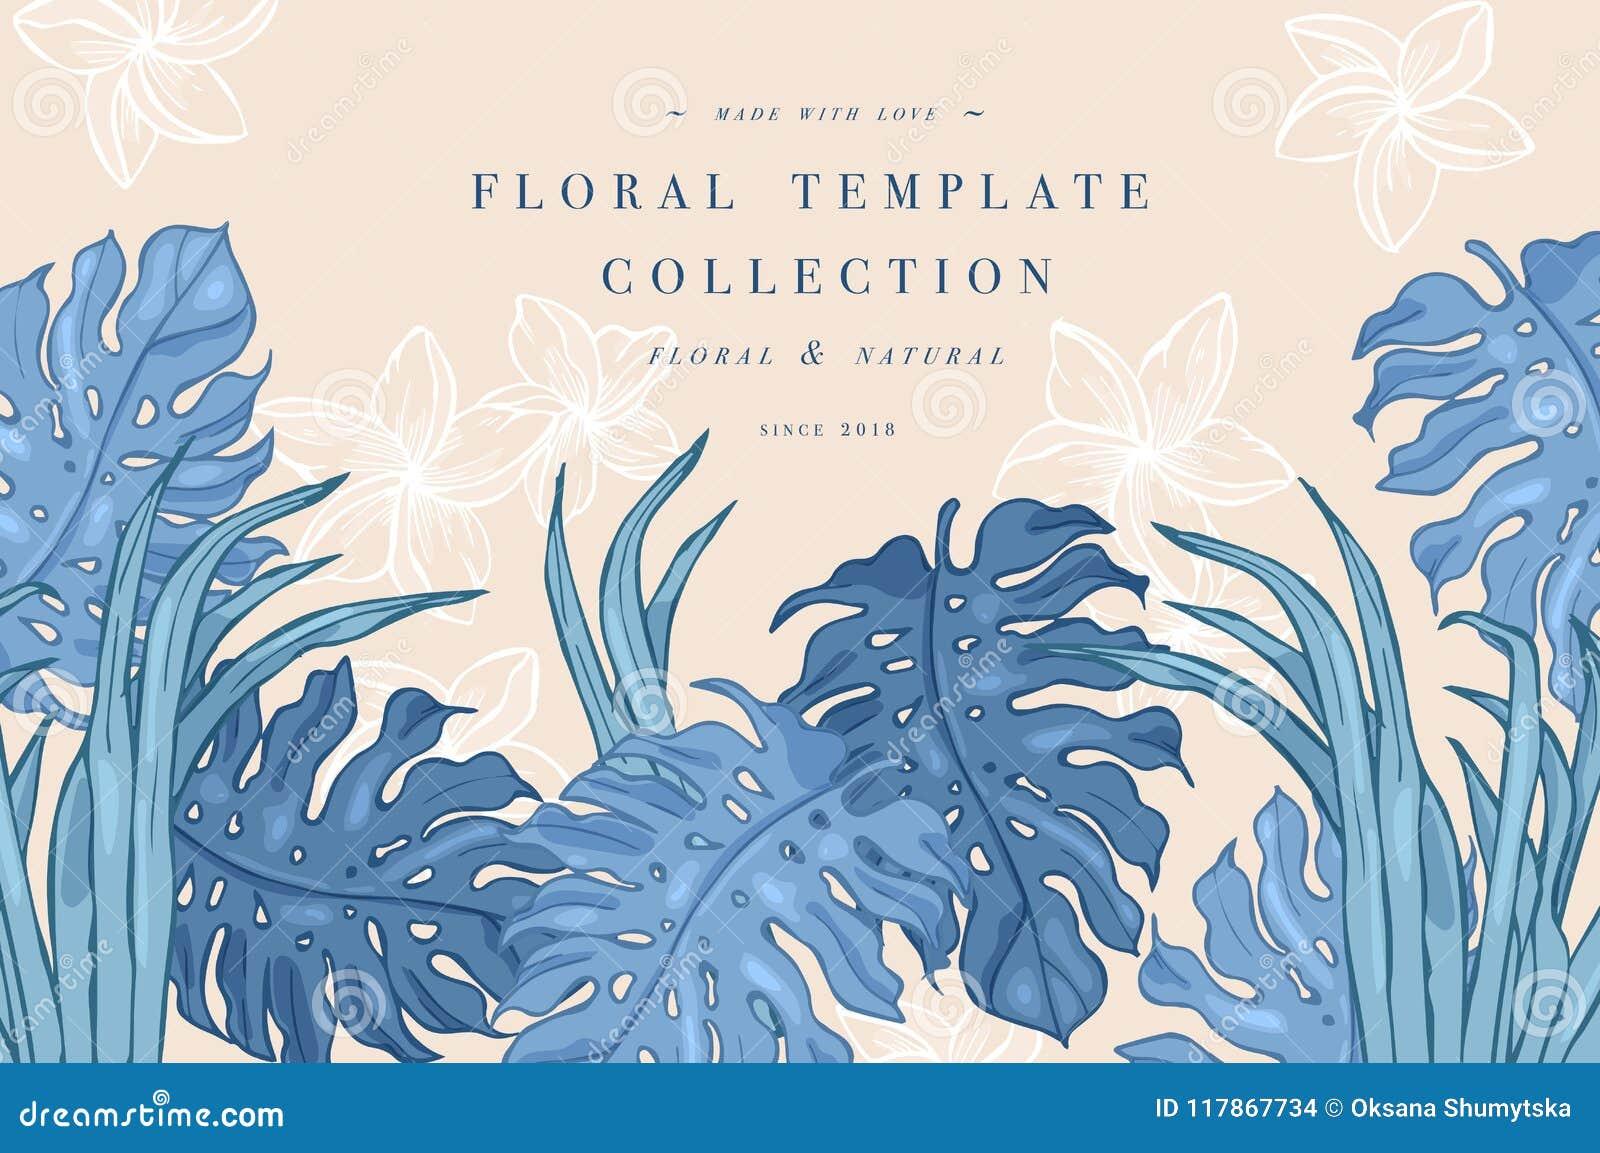 φοίνικας φύλλων τροπικός Υπόβαθρο σχεδίου ζουγκλών ή πρότυπο αφισών Διανυσματικά χαραγμένα απεικόνιση φύλλα ζουγκλών ζωηρόχρωμος